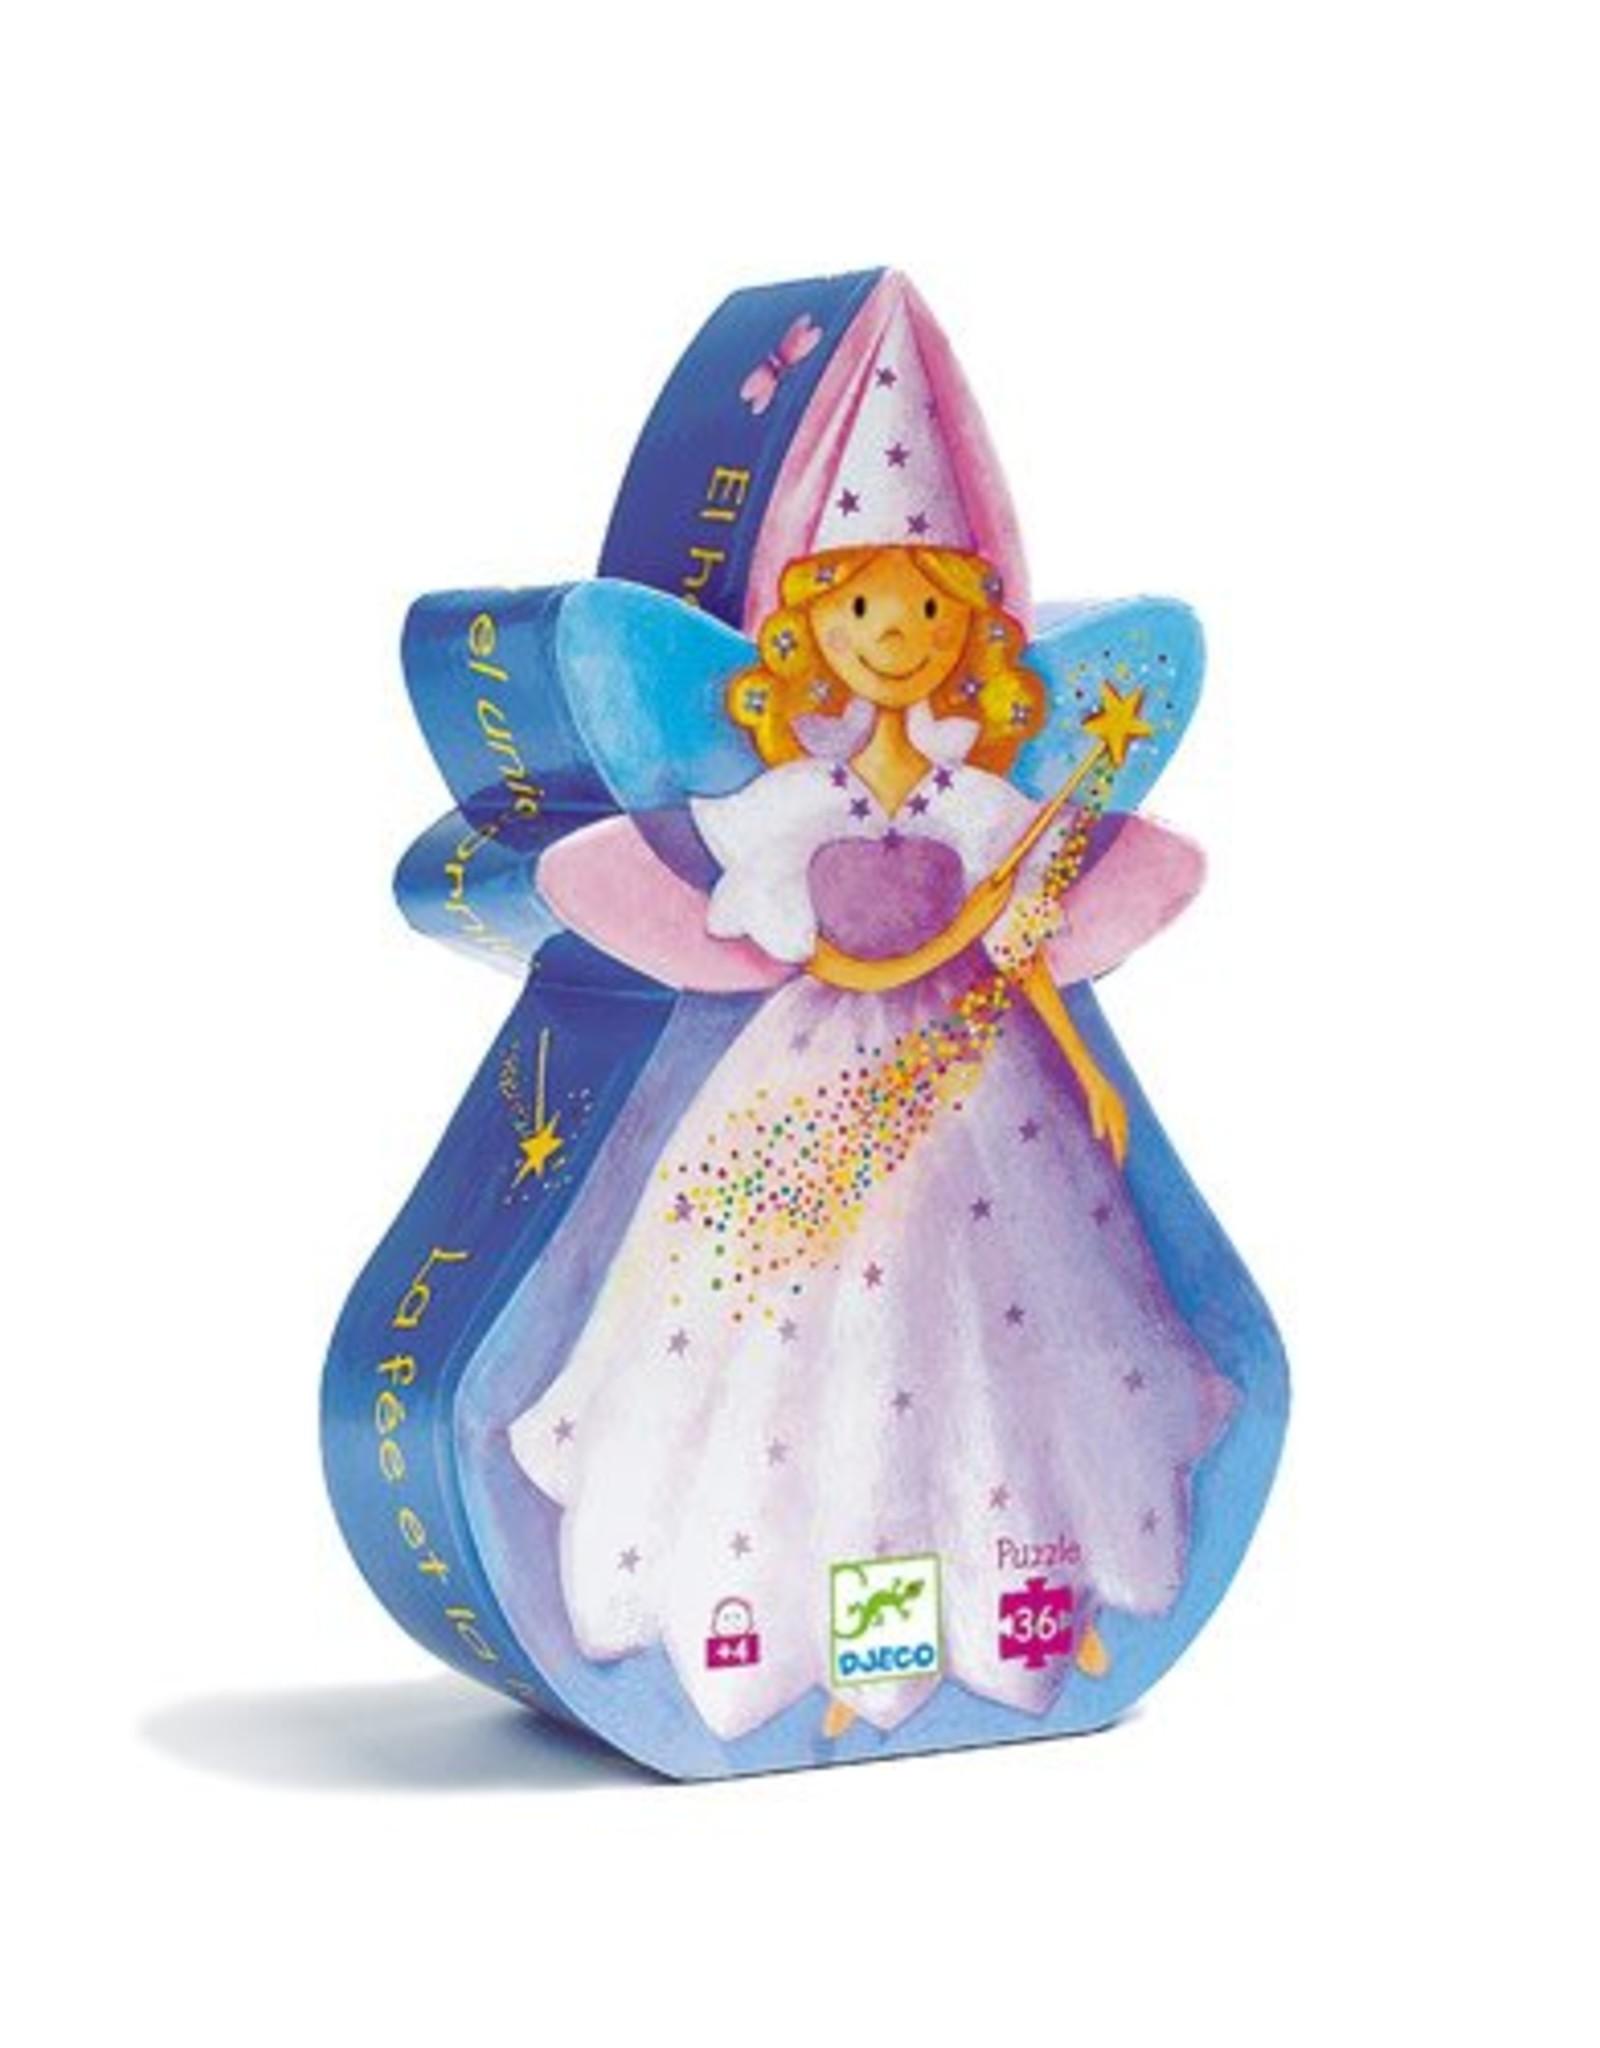 Djeco Puzzle Silhouette - La fée et la licorne 36mcx